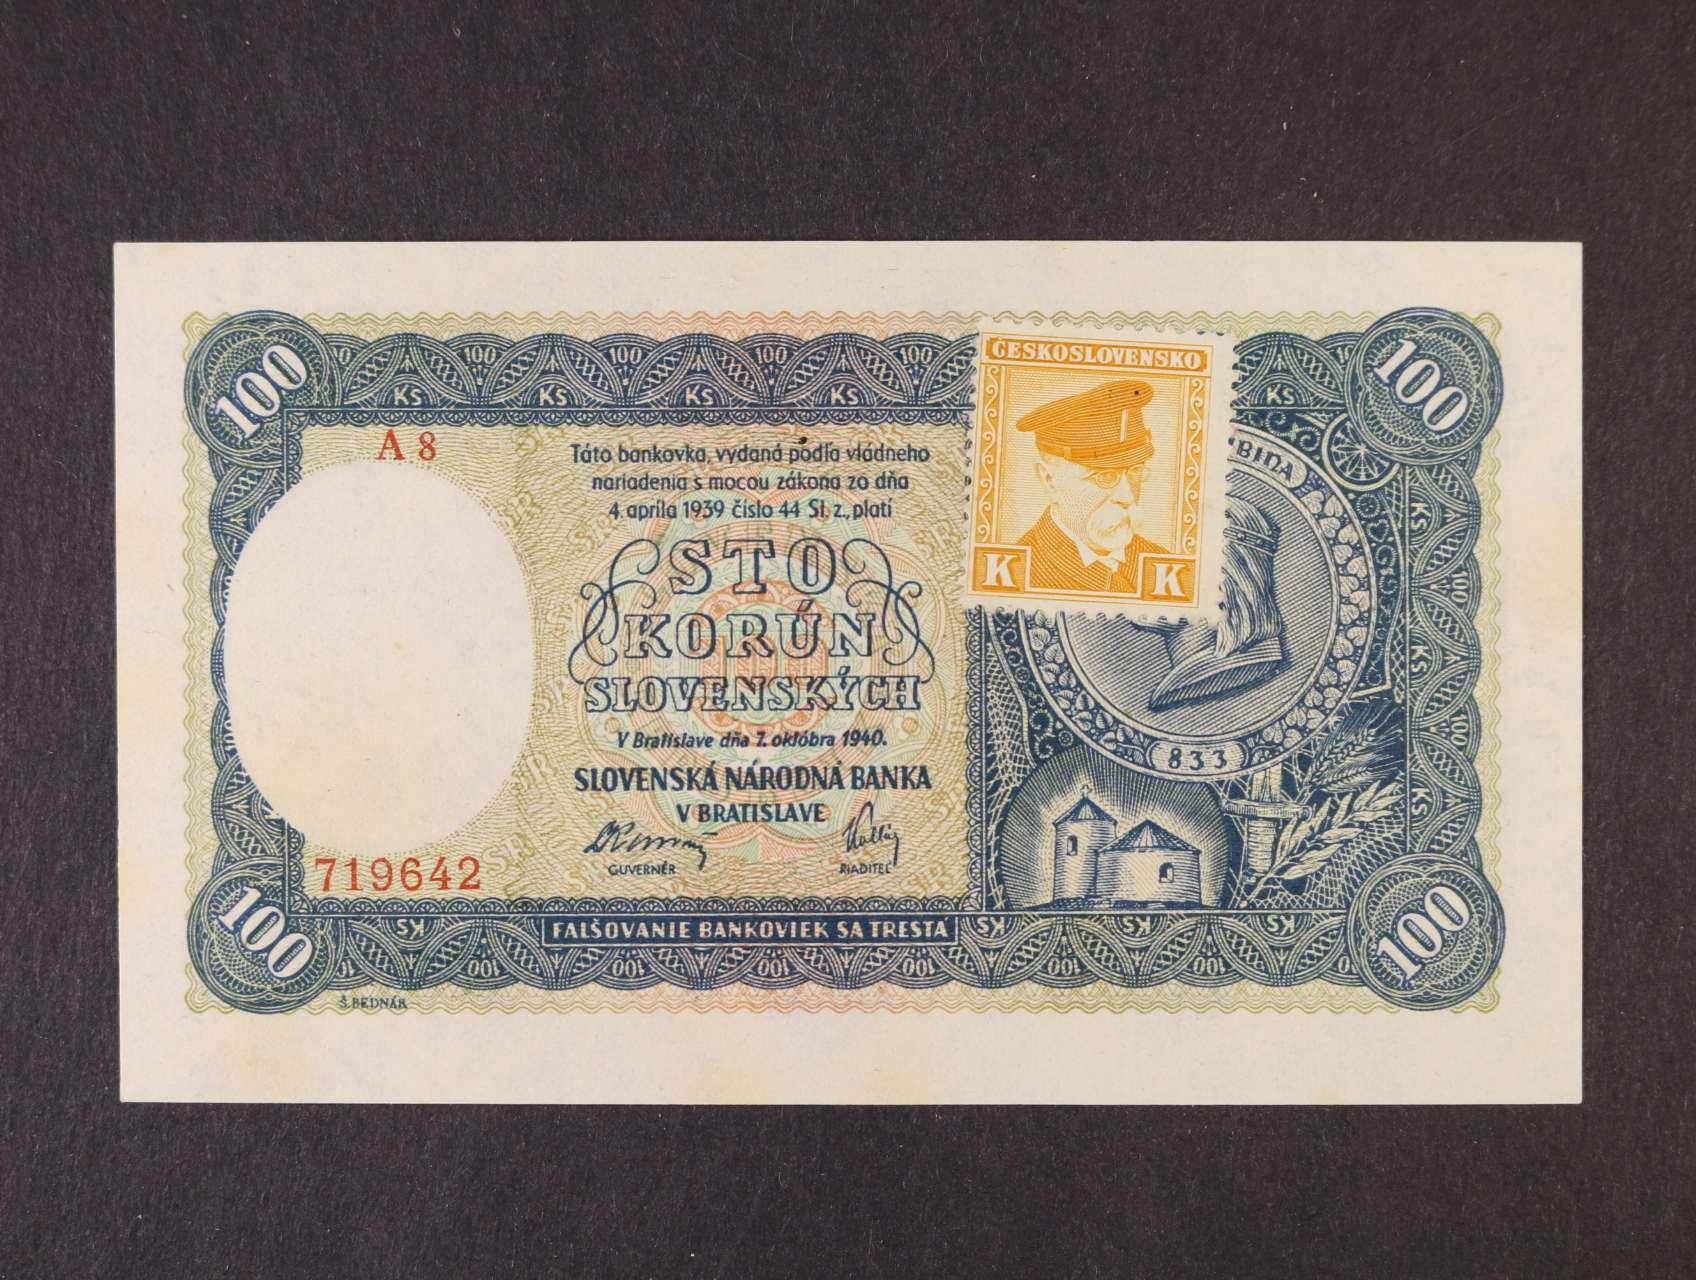 100 Ks 7.10.1940 série A 8 kolkovaná II.vydání, Ba. 63a, Pi. 52a